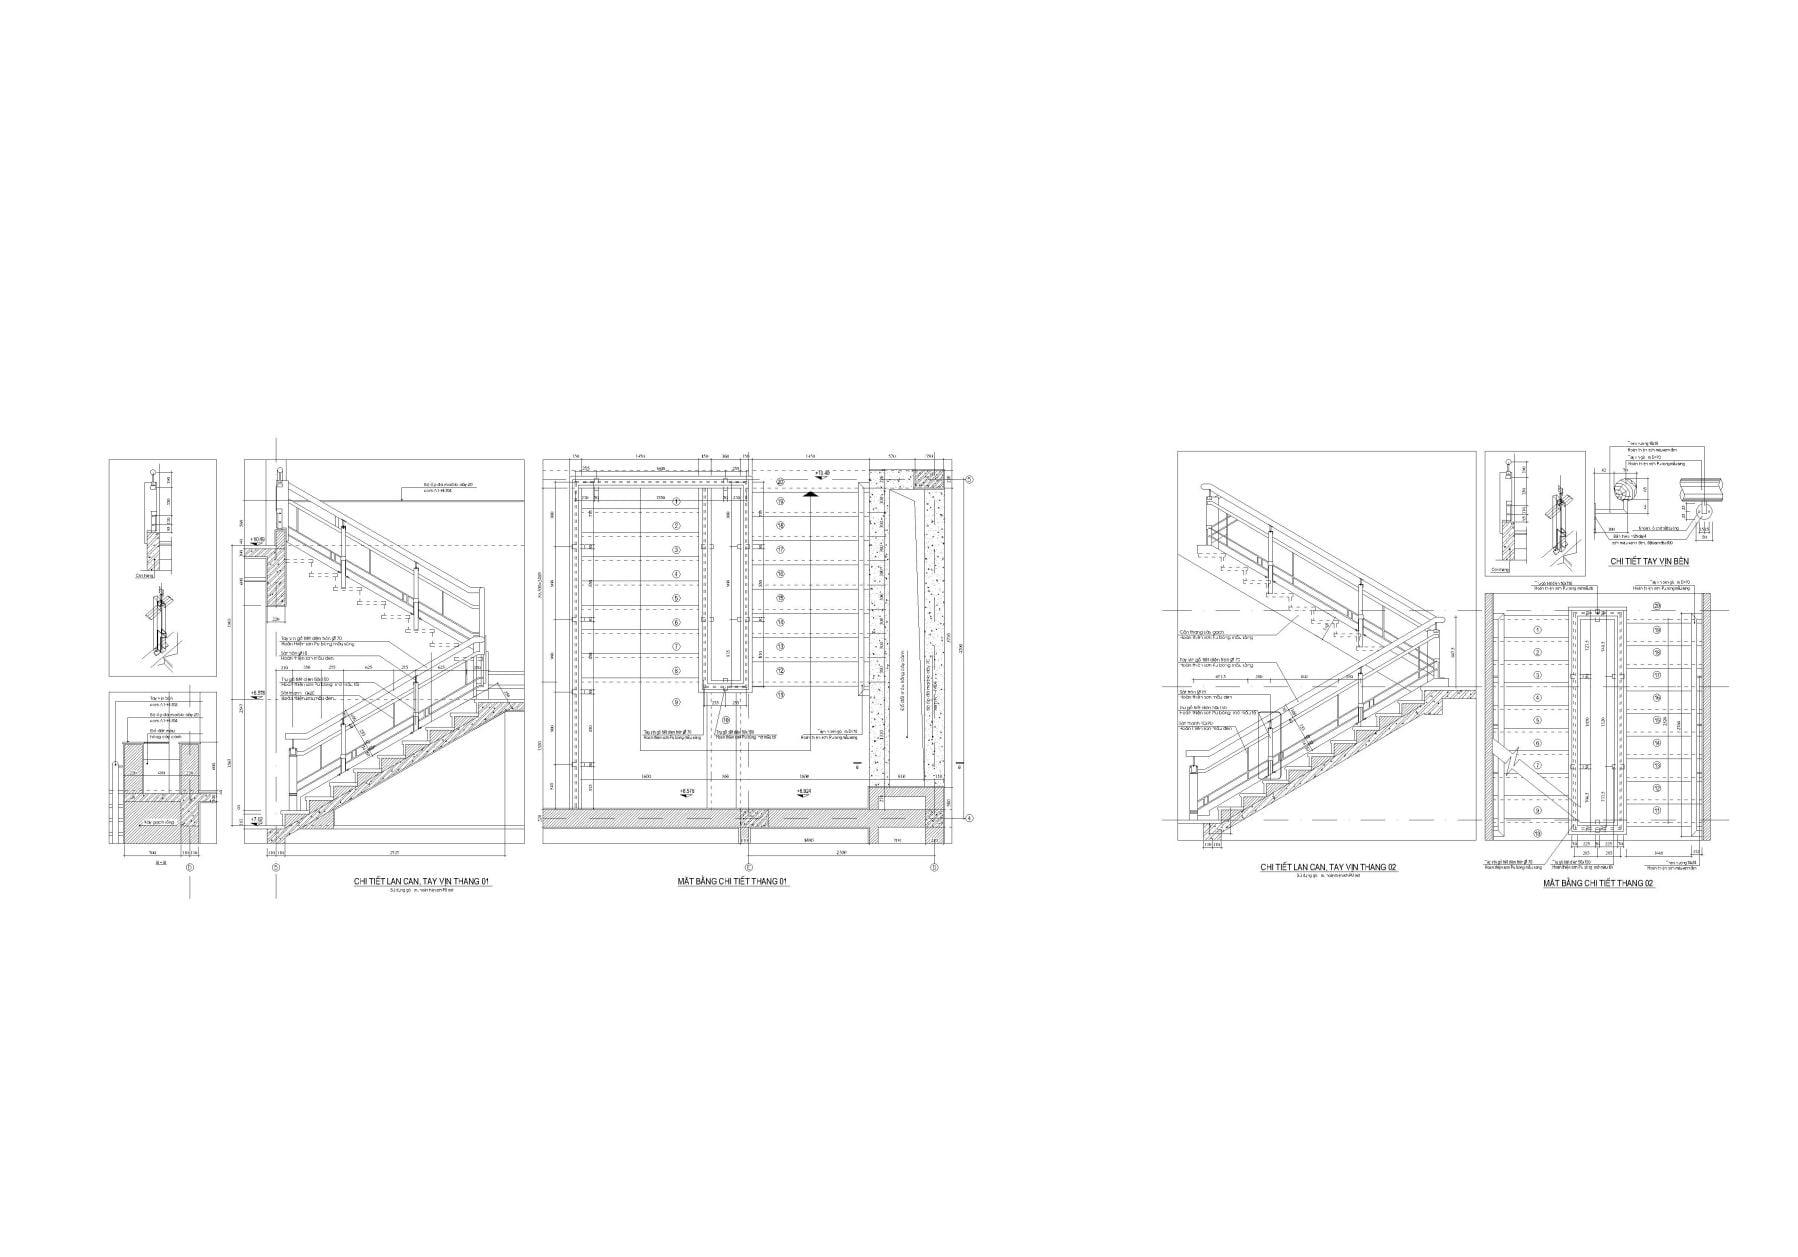 Thư viên cầu thang autocad số 02